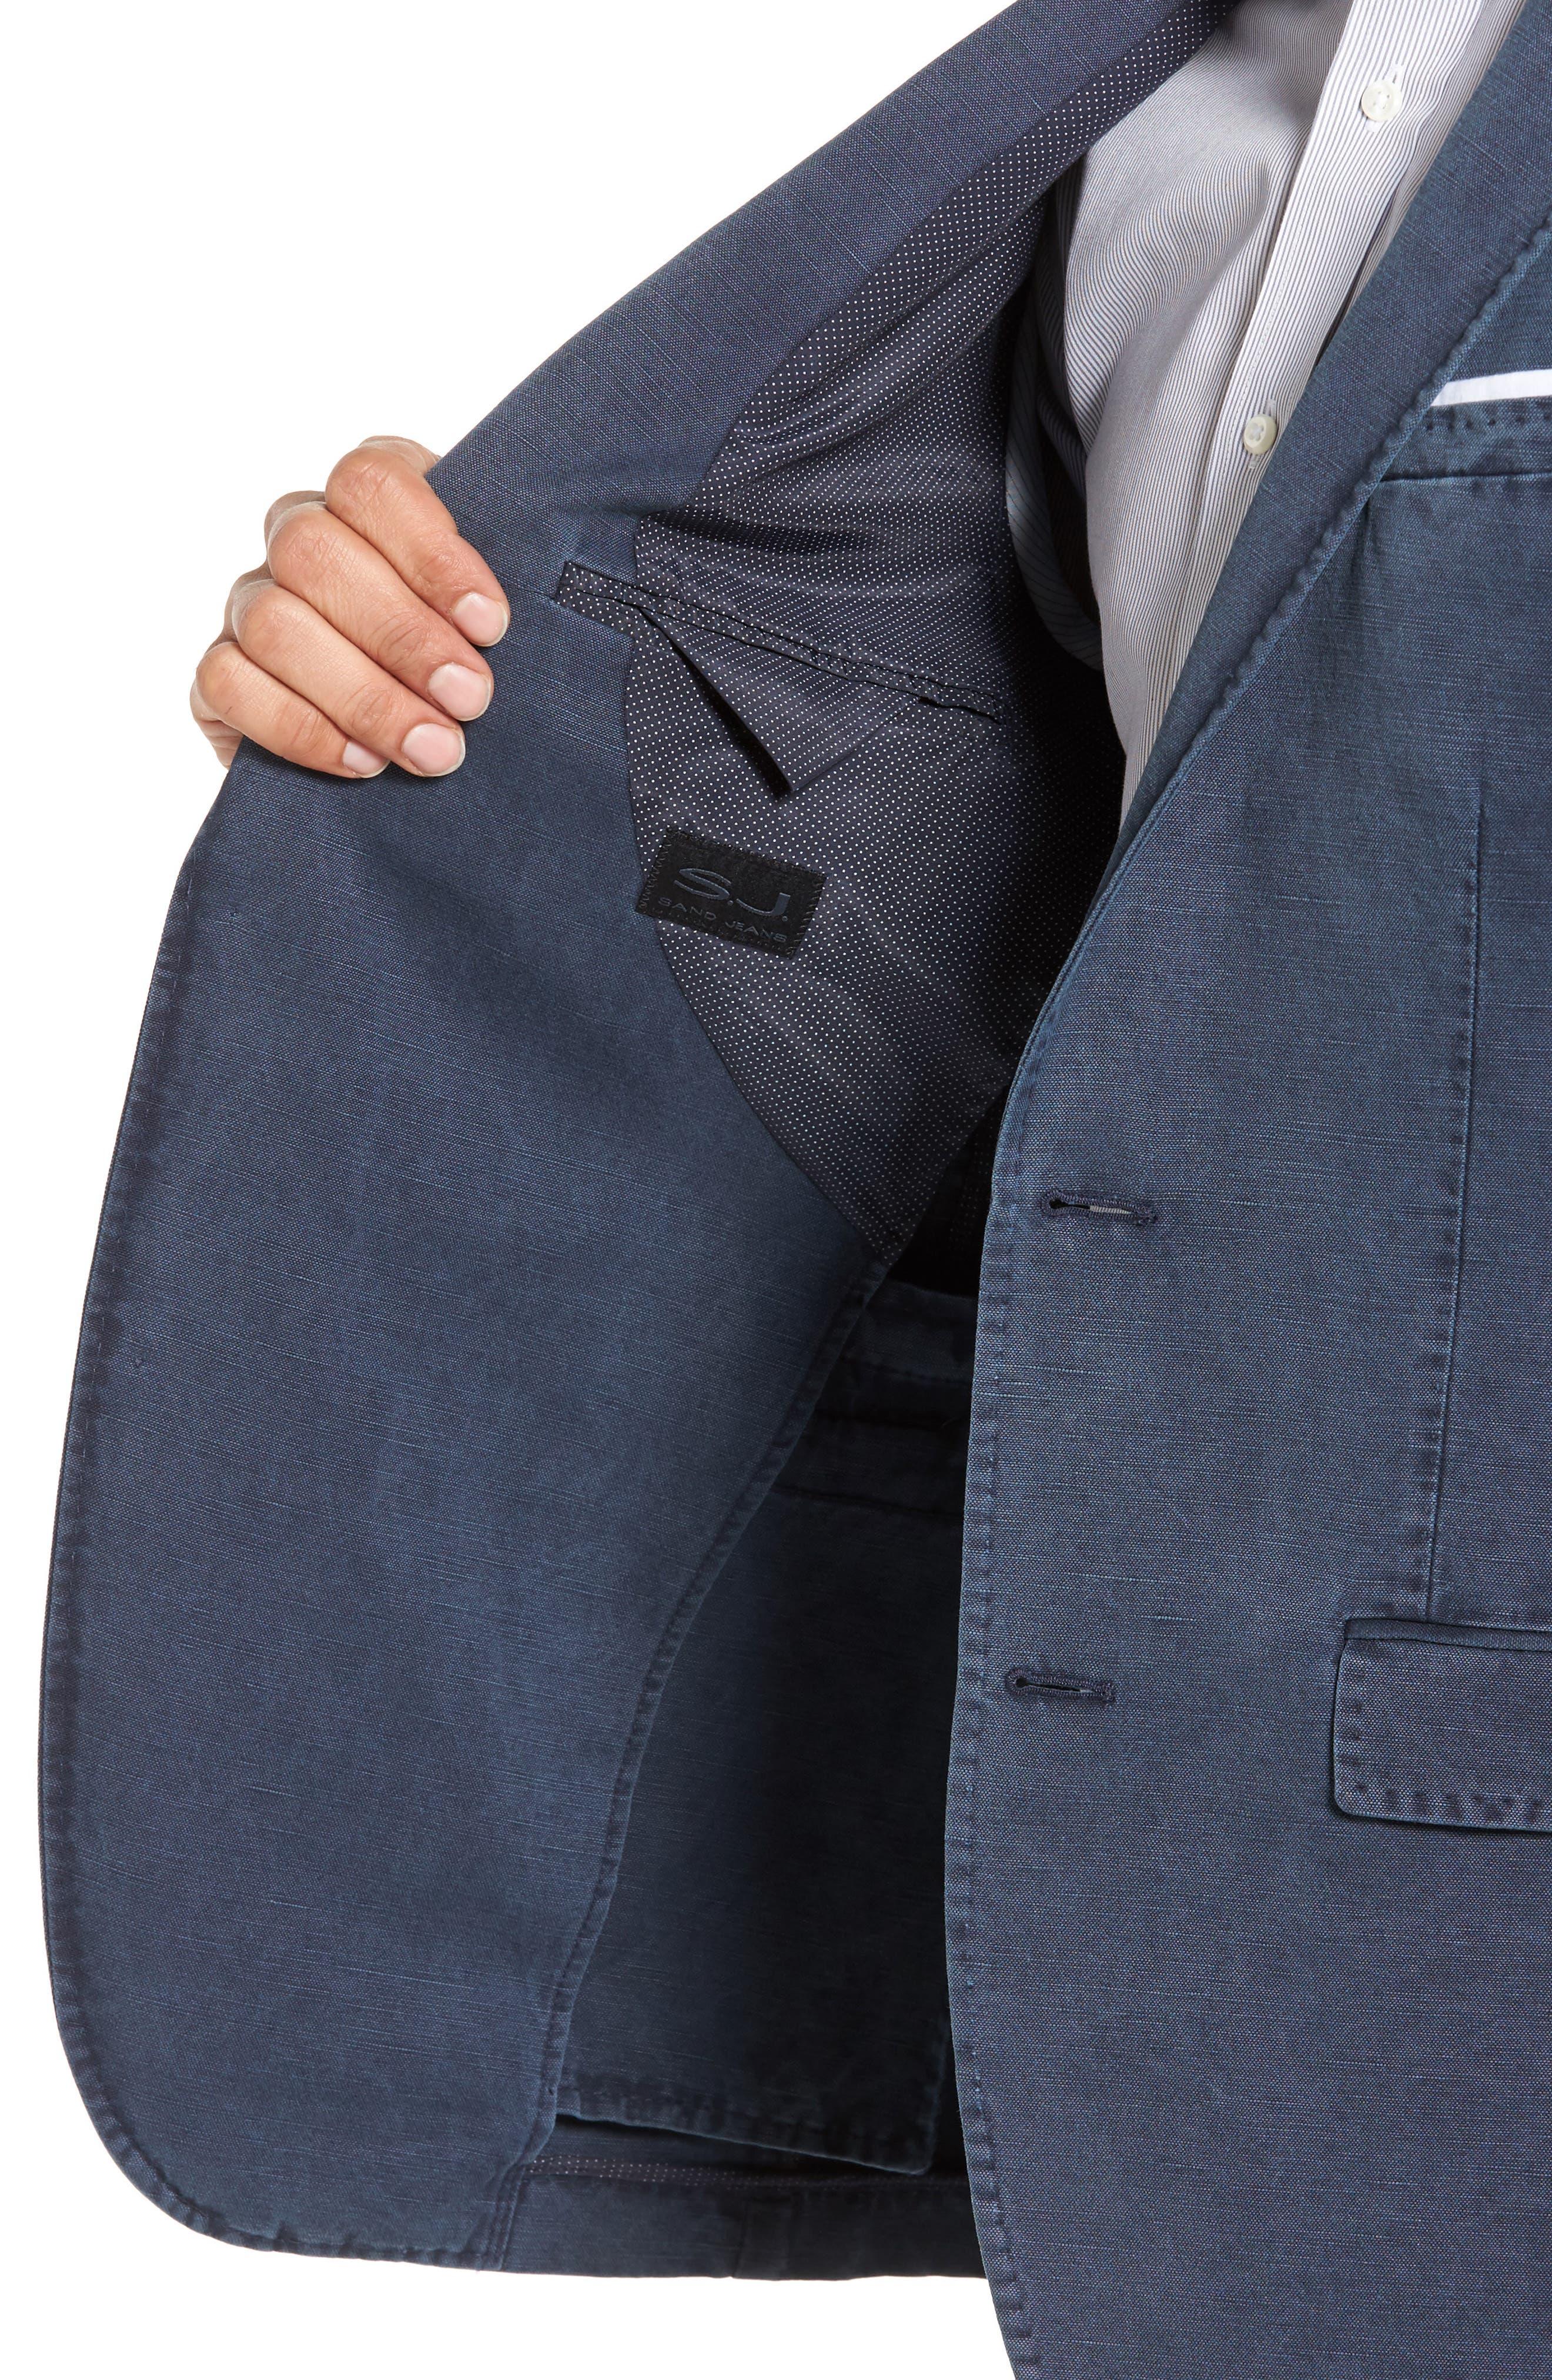 Trim Fit Cotton & Linen Blazer,                             Alternate thumbnail 8, color,